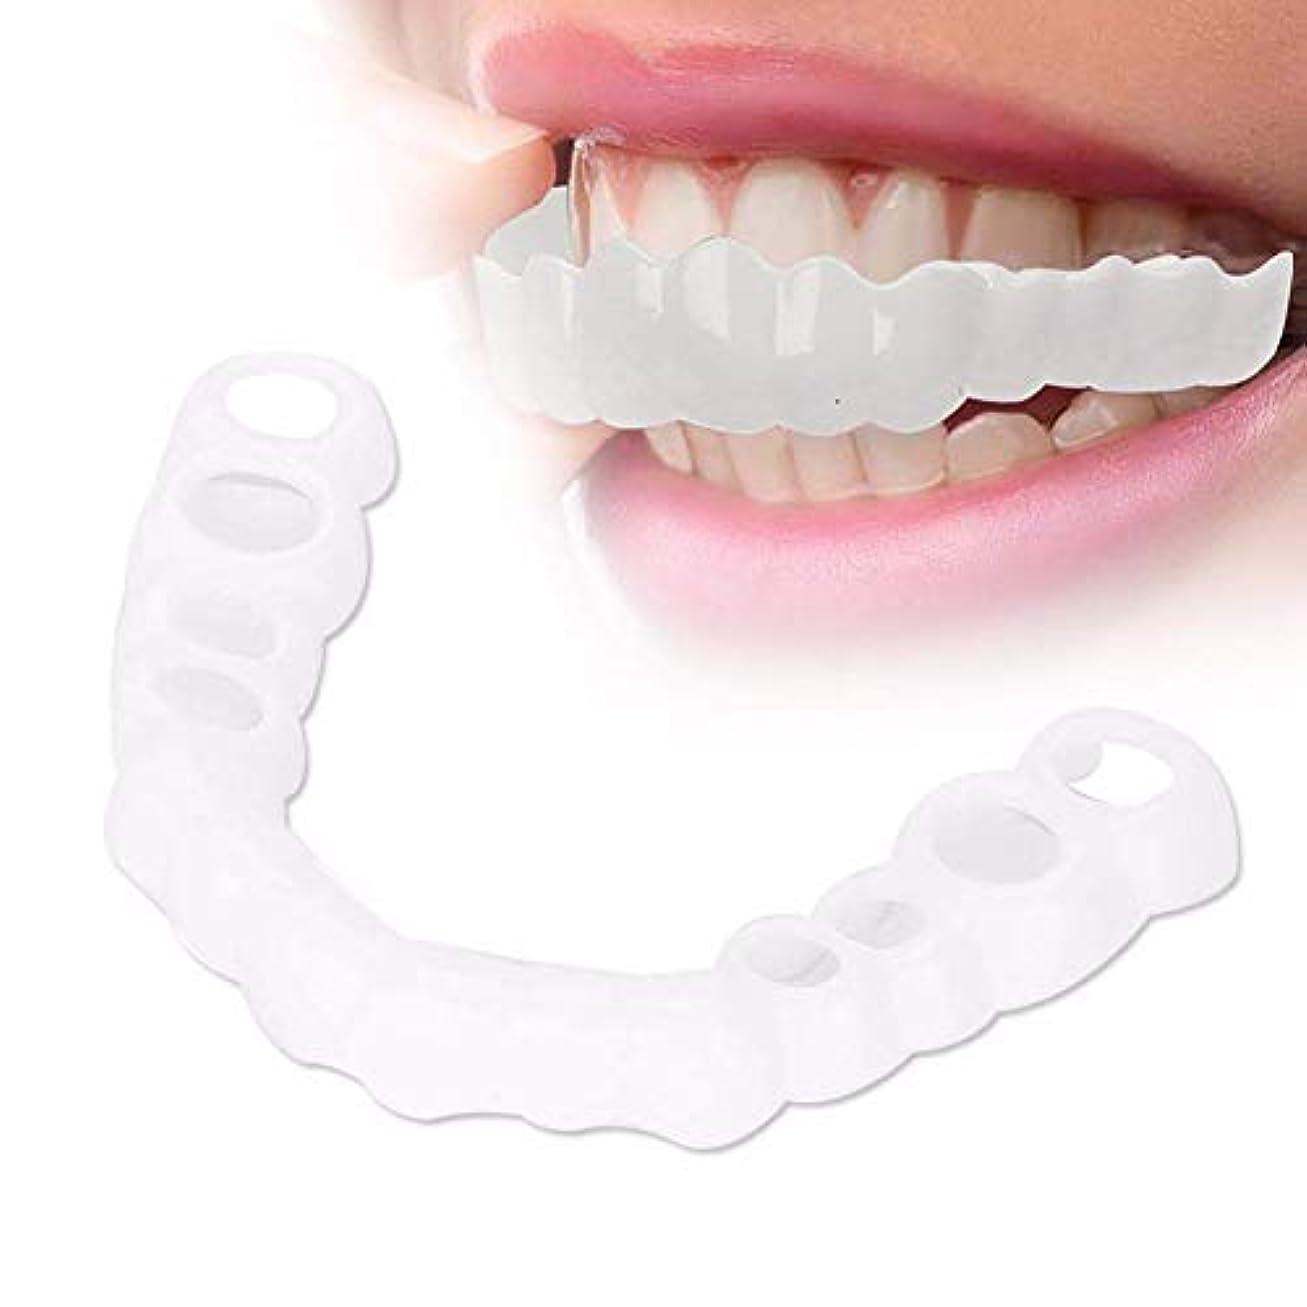 と遊ぶテセウス疎外一時的な笑顔の快適さフィット化粧品の歯義歯のベニヤの歯快適さのフィットフレックス化粧品の歯の歯のベニア(上の歯)